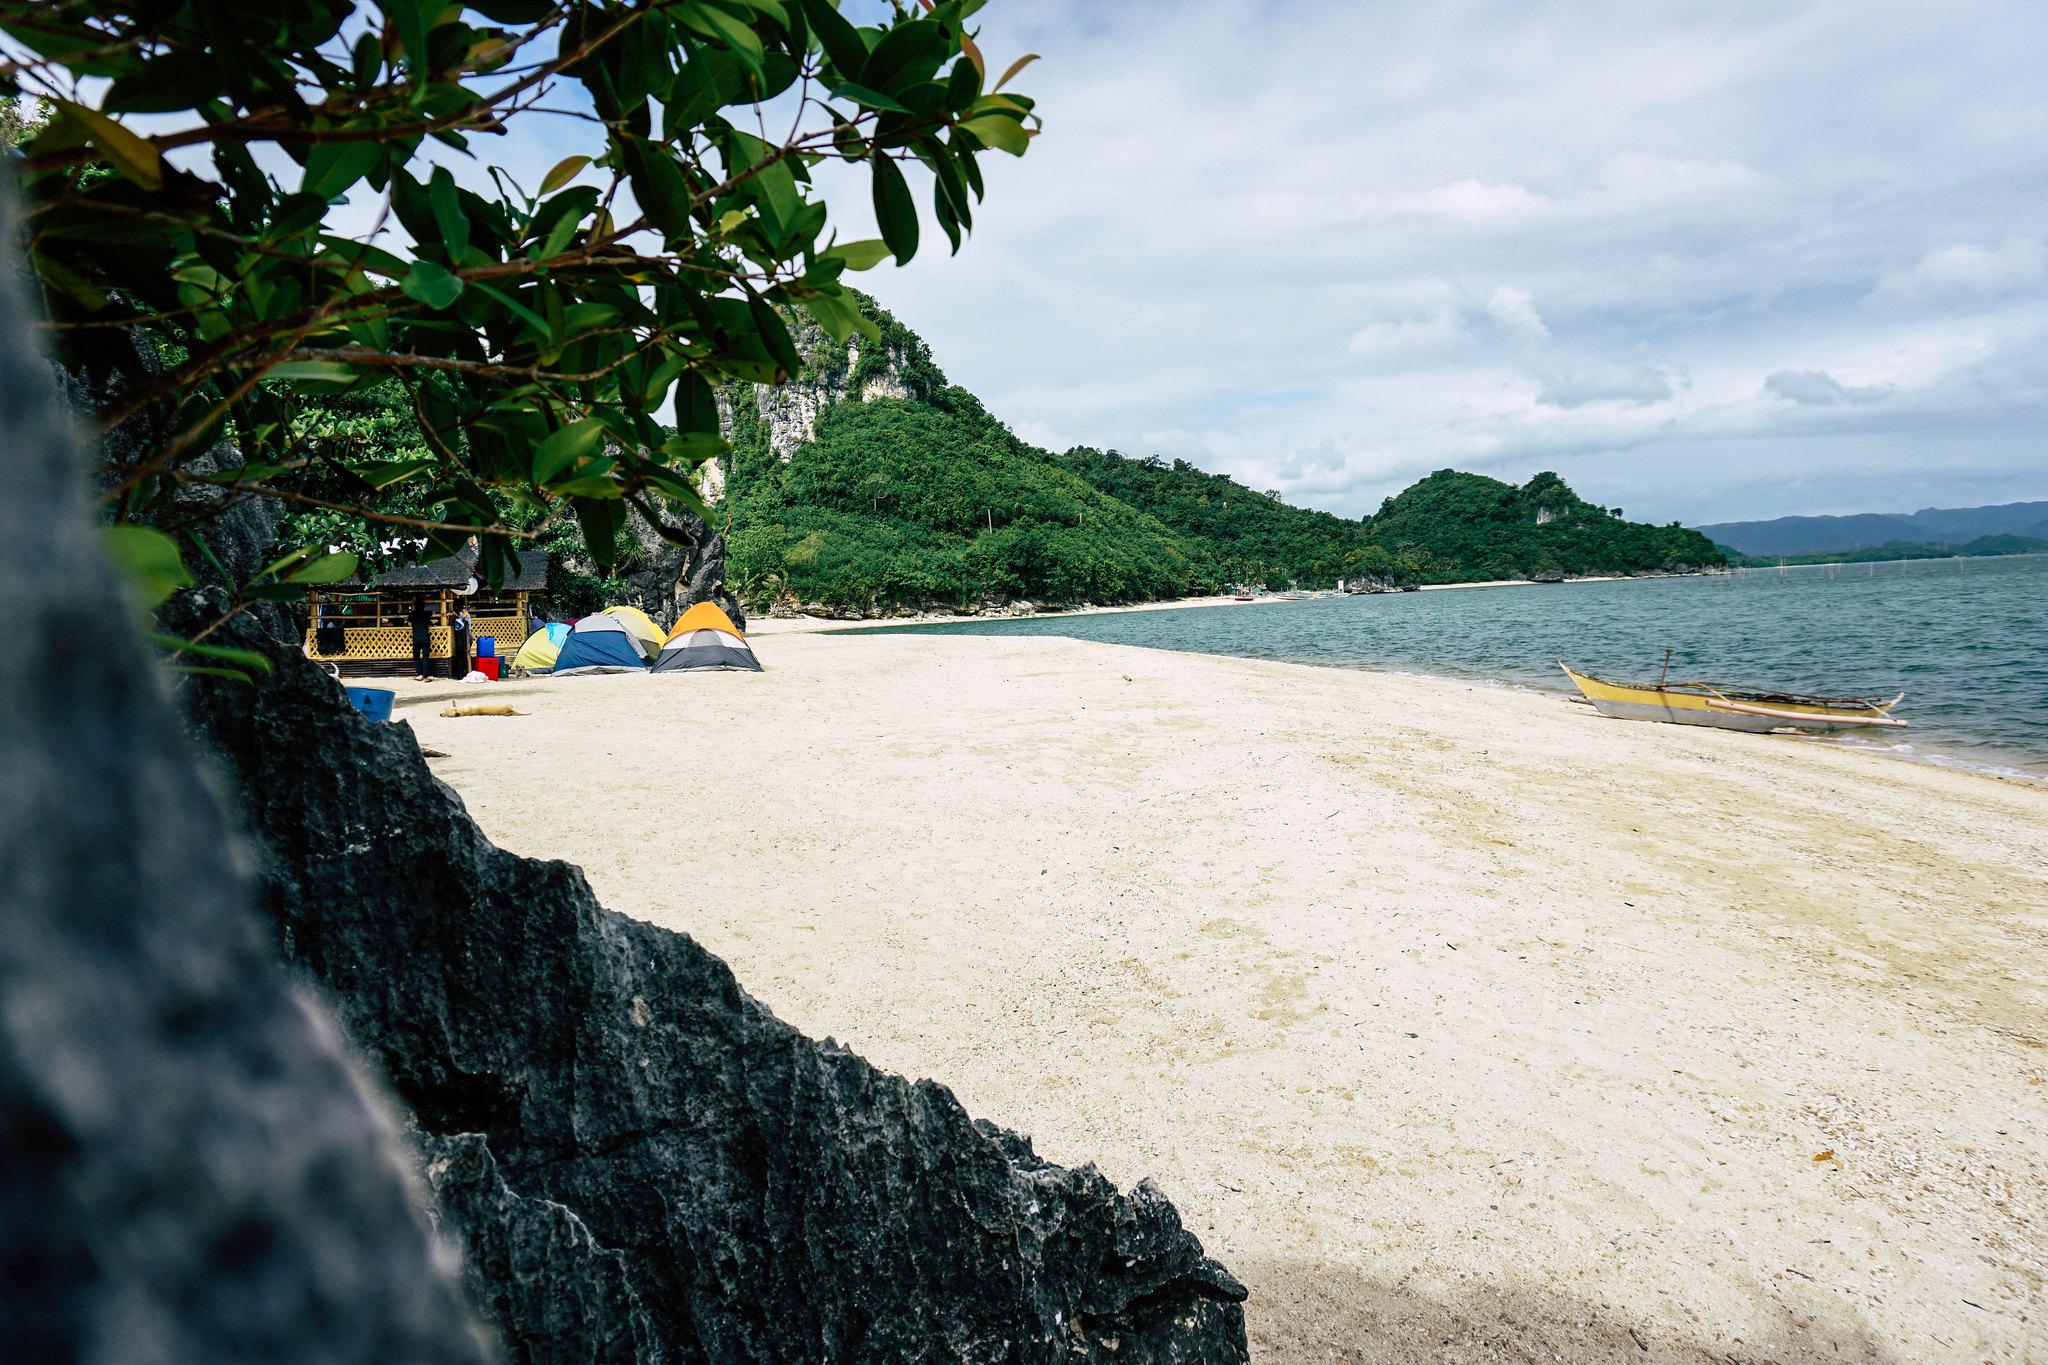 Travel Guide to Borawan Island, Padre Burgos, Philippines